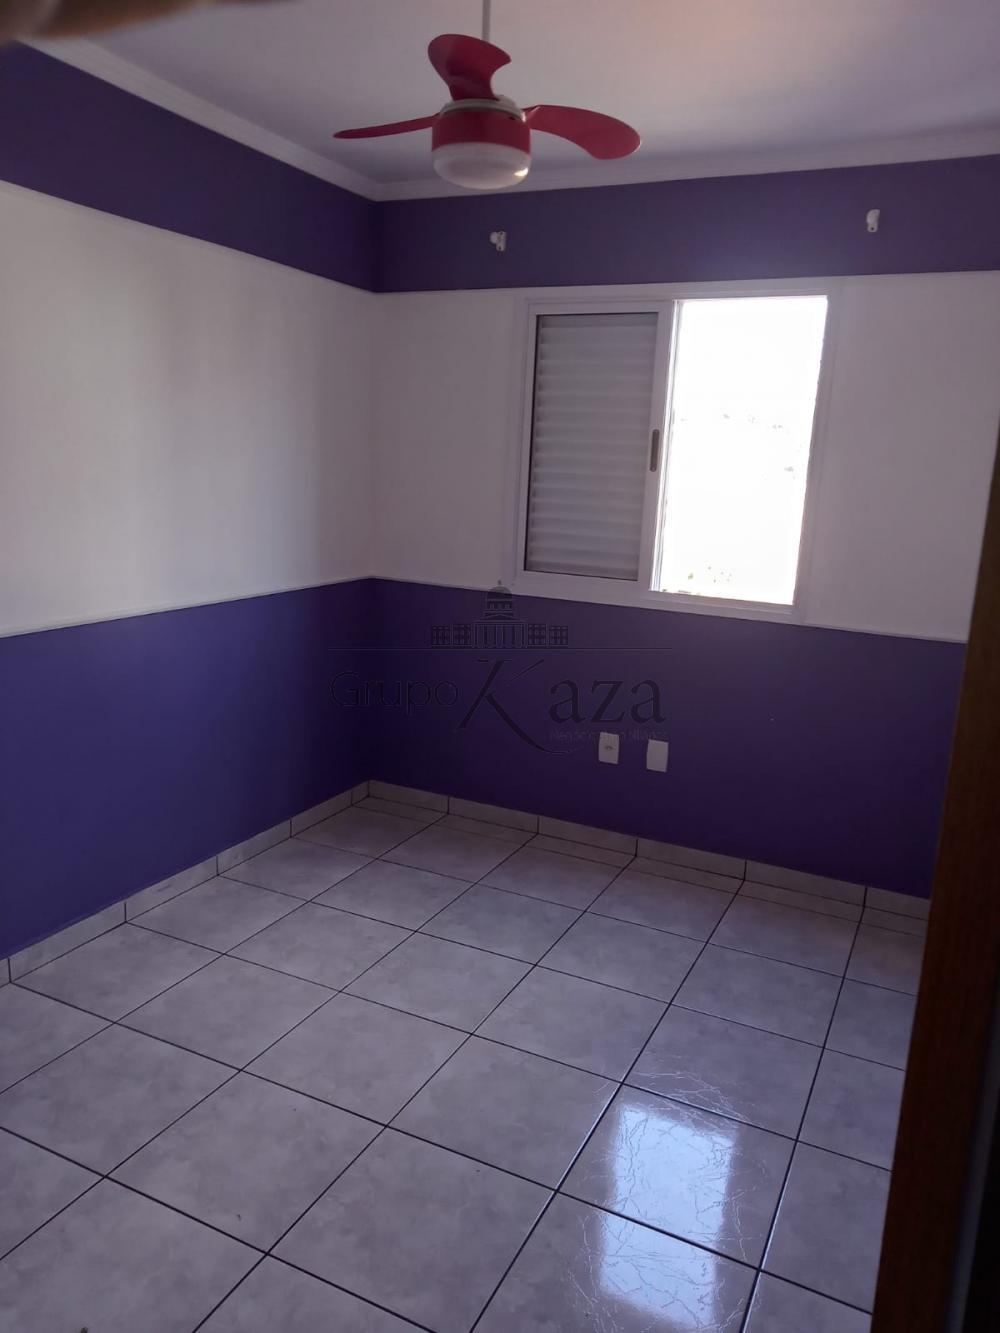 alt='Alugar Apartamento / Padrão em São José dos Campos R$ 2.200,00 - Foto 8' title='Alugar Apartamento / Padrão em São José dos Campos R$ 2.200,00 - Foto 8'